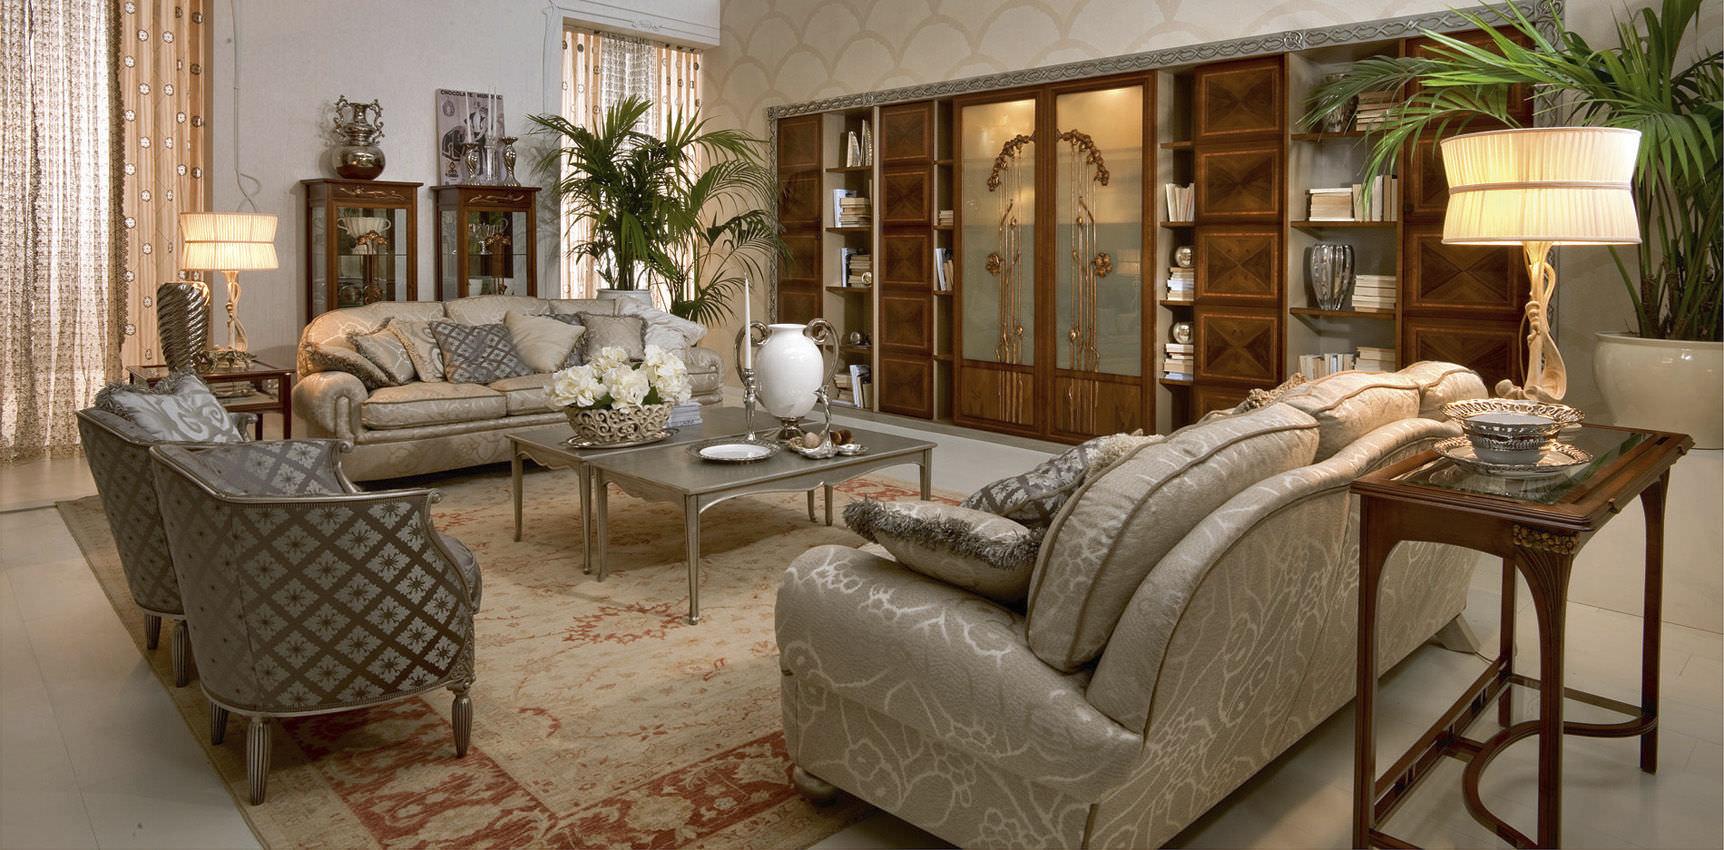 Muebles Estilo Perfect Muebles Estilo Hacienda Mexicana Sueco  # Muebles Diferentes Estilos